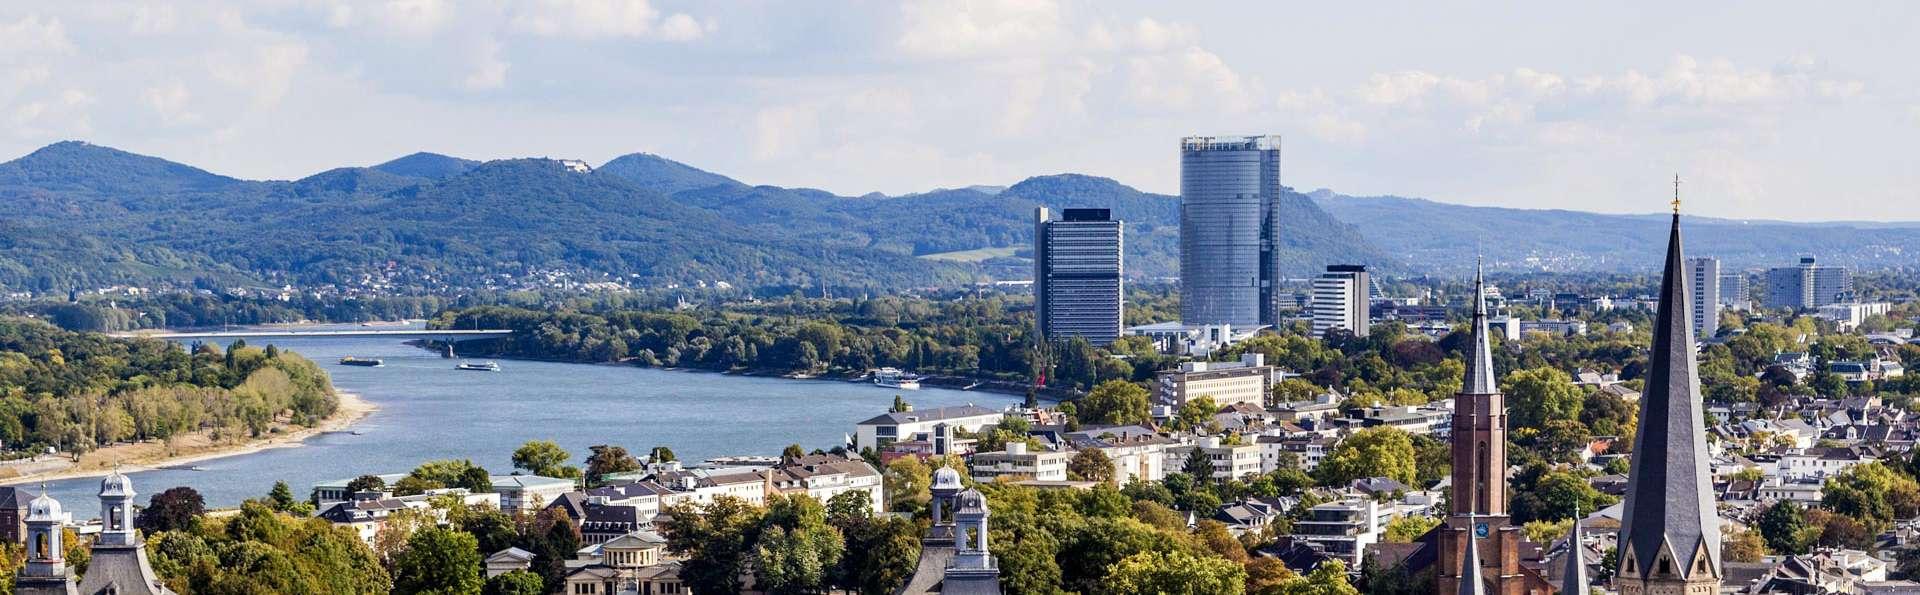 Pasea por las históricas calles de Bonn